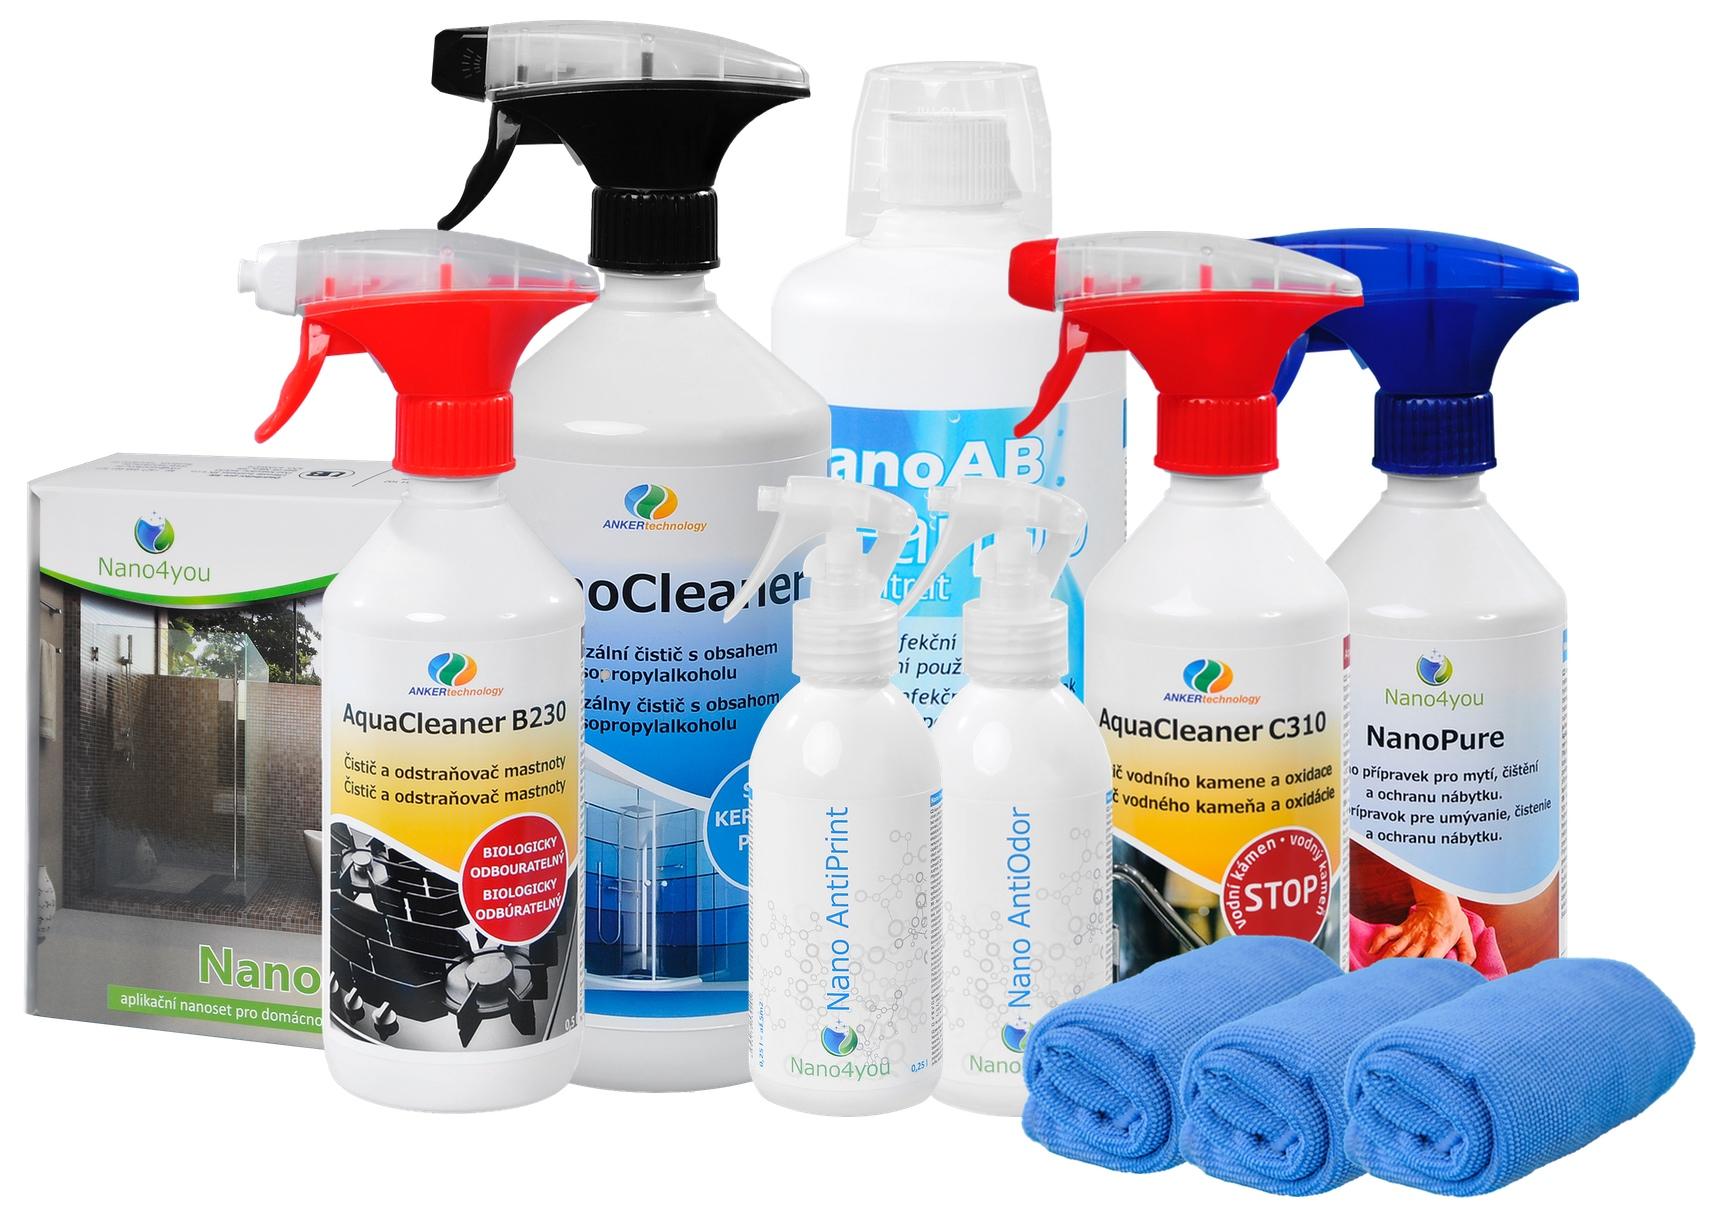 56485fce79 Nano4you - ochrana rôznych povrchov - Katalóg firiem